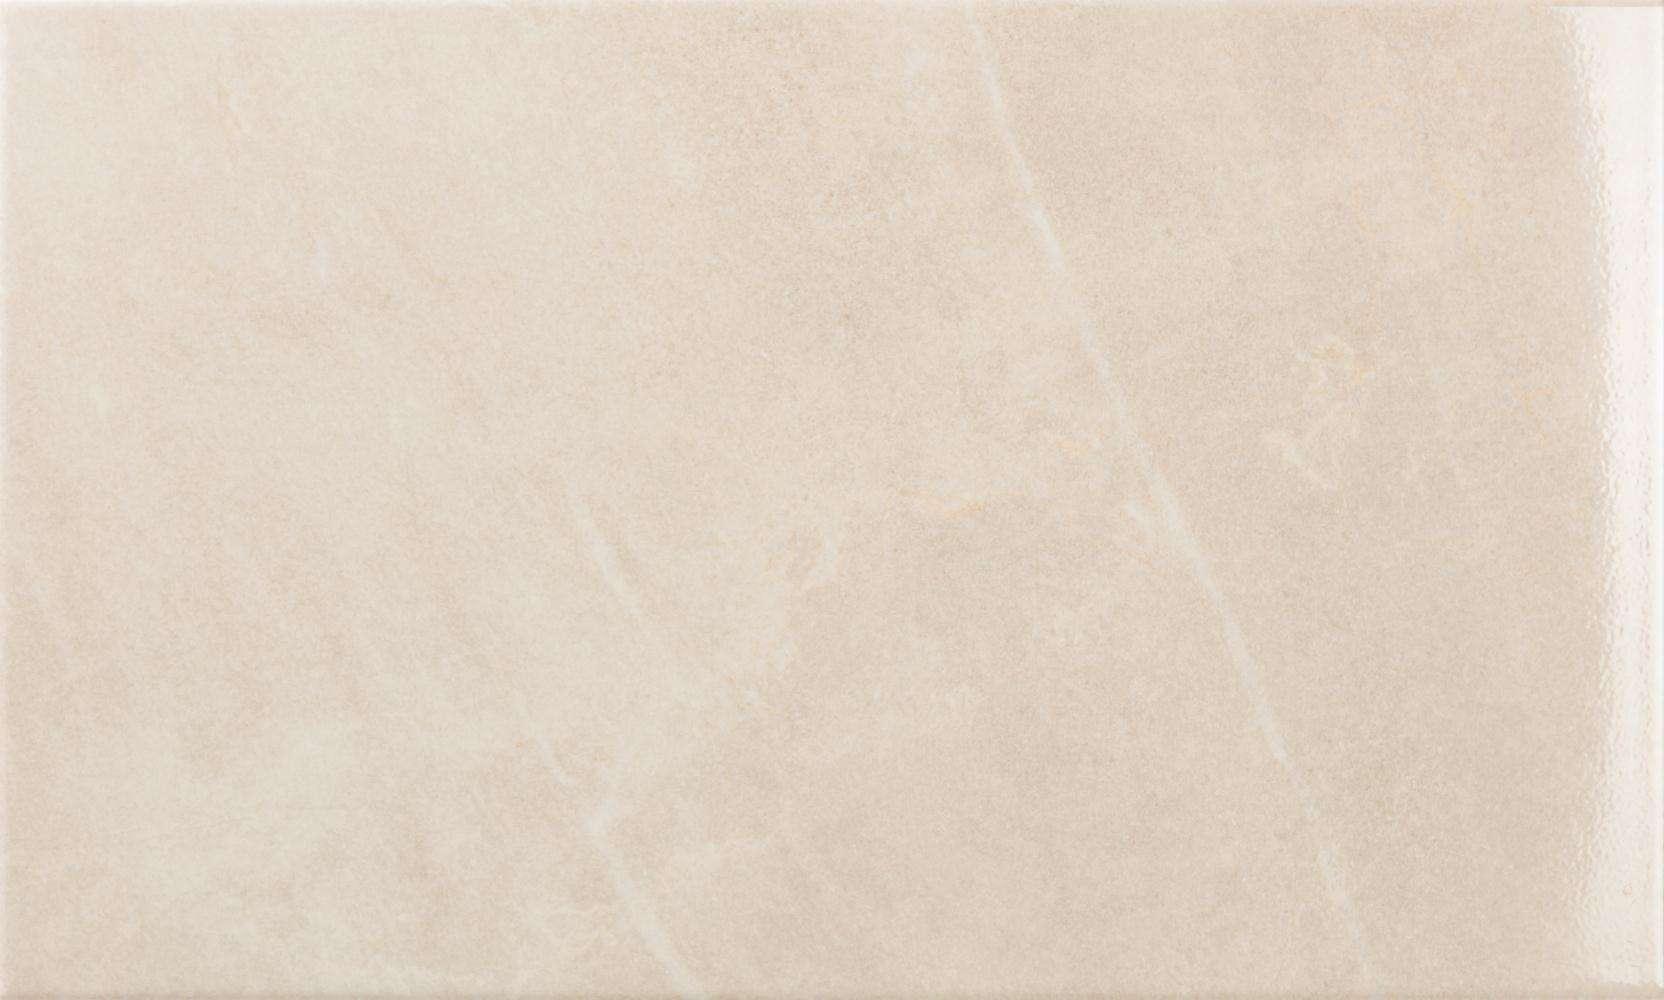 Faianță Ecoceramic Origami Marfil 333x550 lucioasă bej / 10